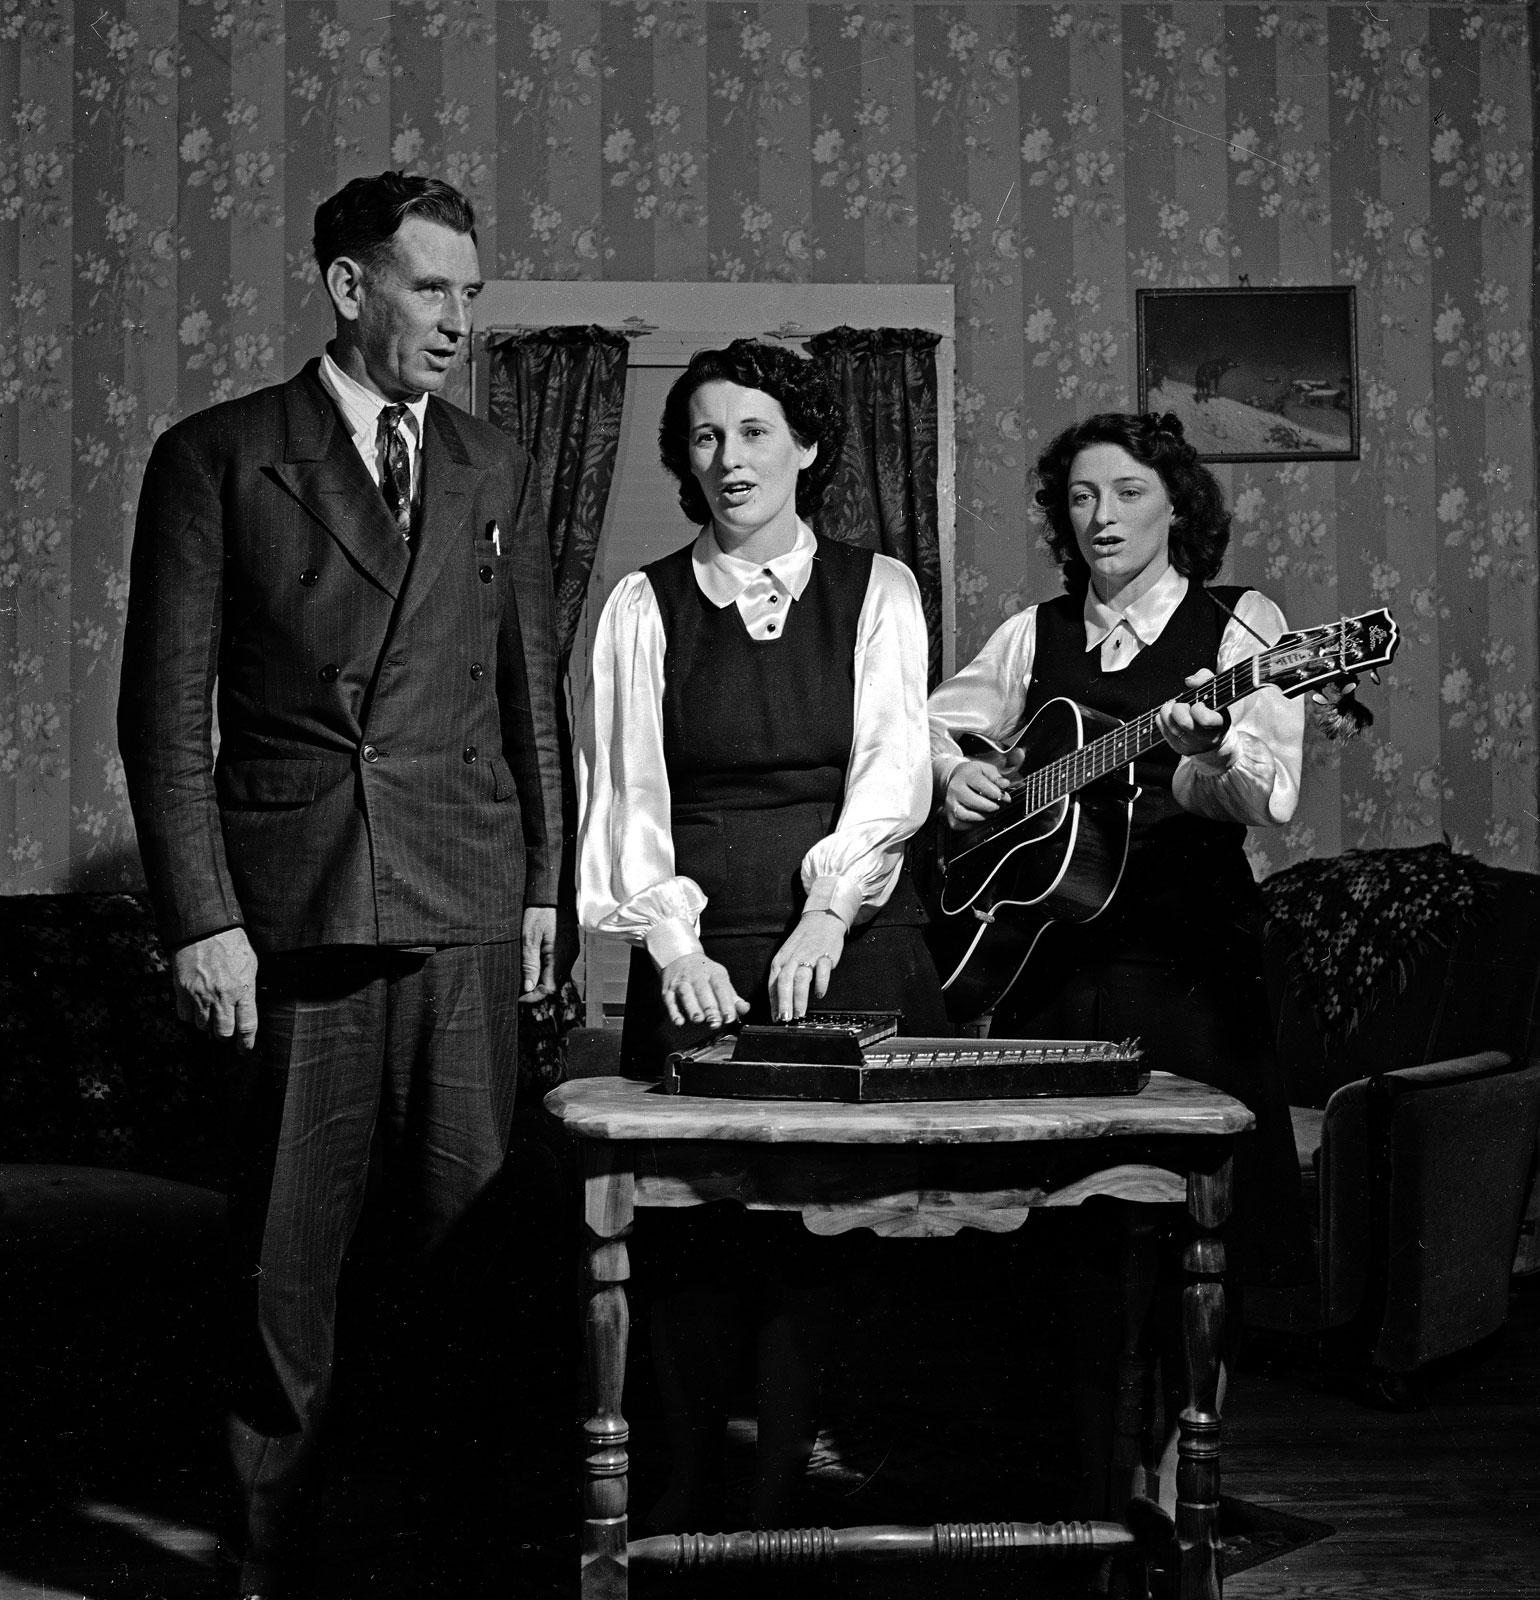 Desde la izquierda, A.P., Sara y Maybelle Carter